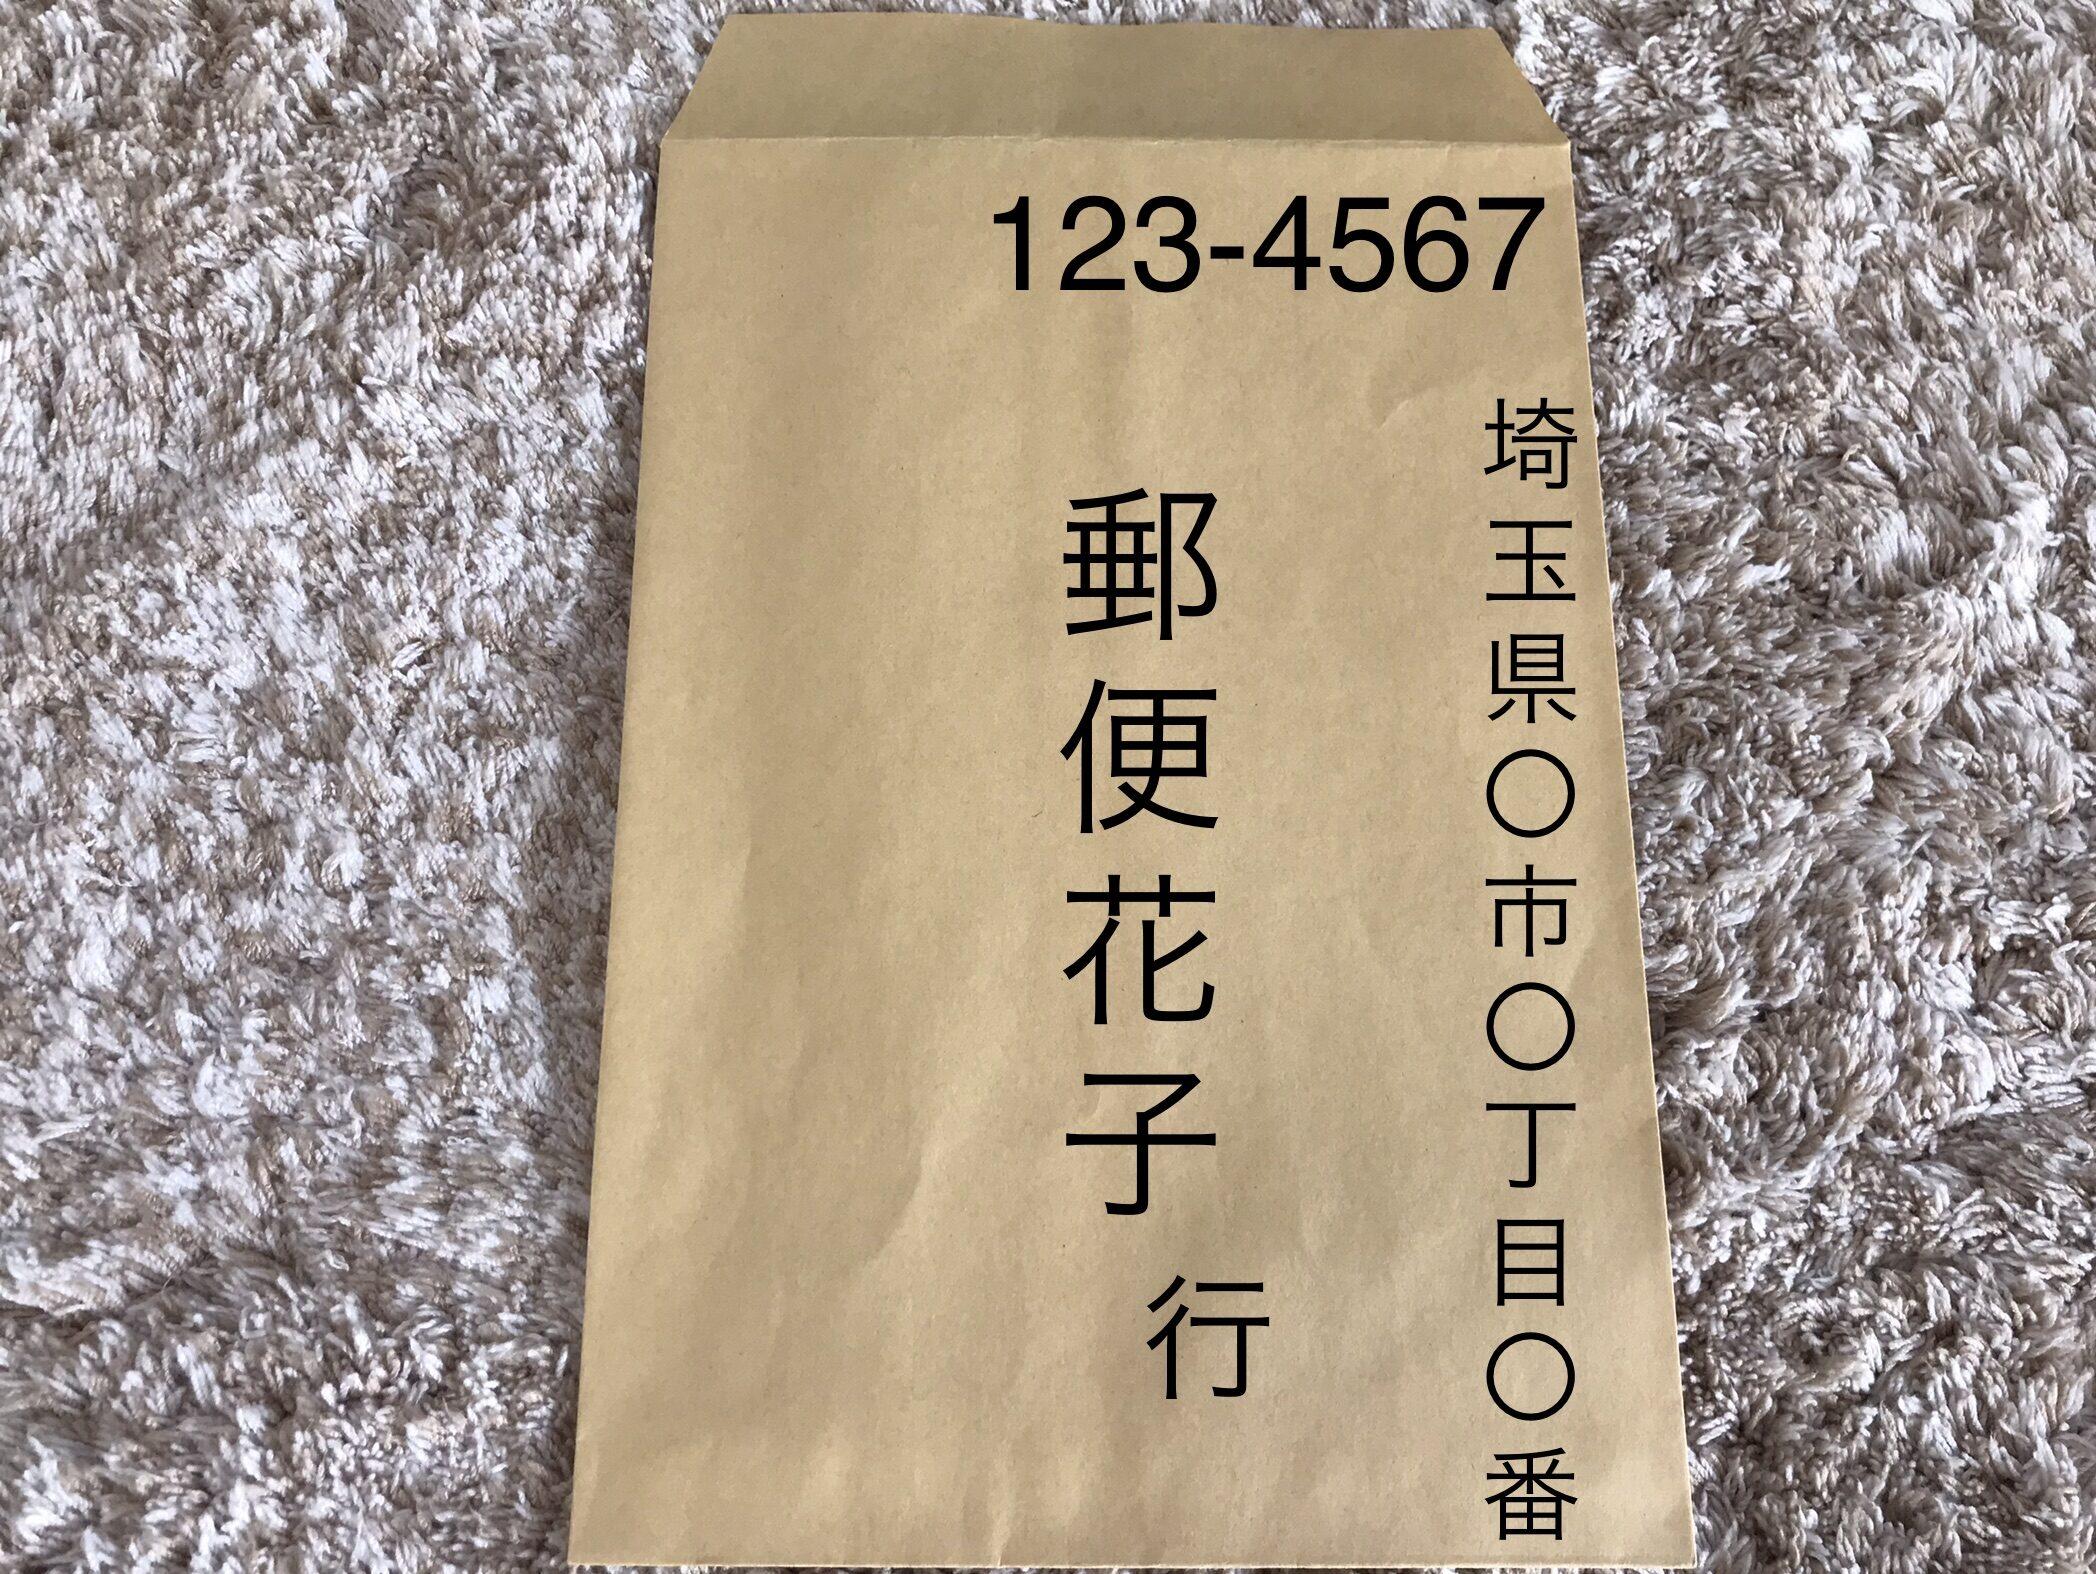 返信用封筒3